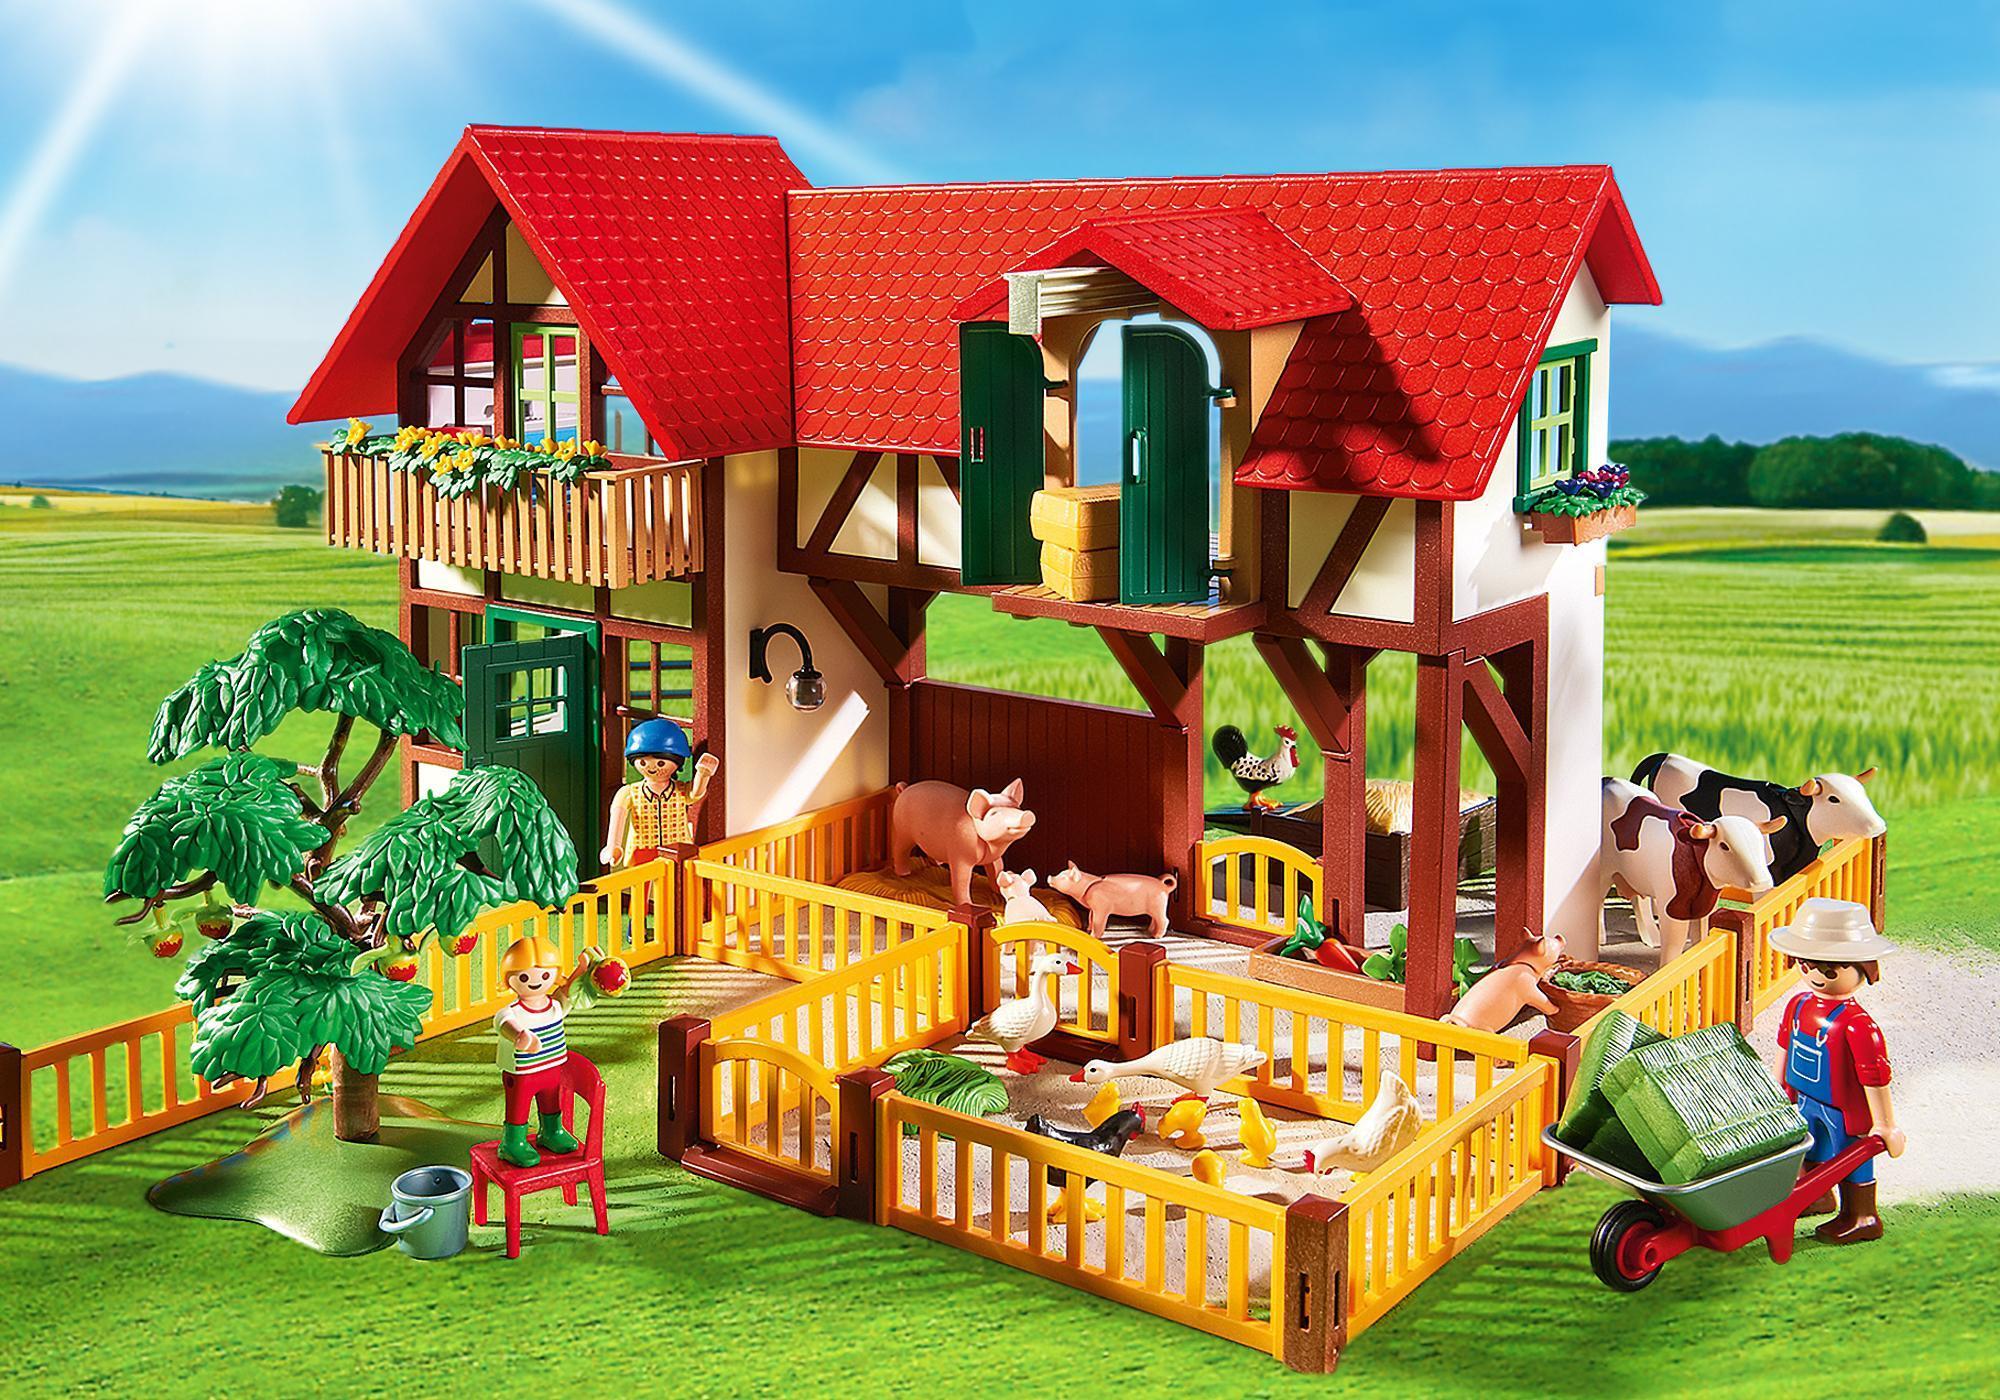 http://media.playmobil.com/i/playmobil/6120_product_extra4/Large Farm